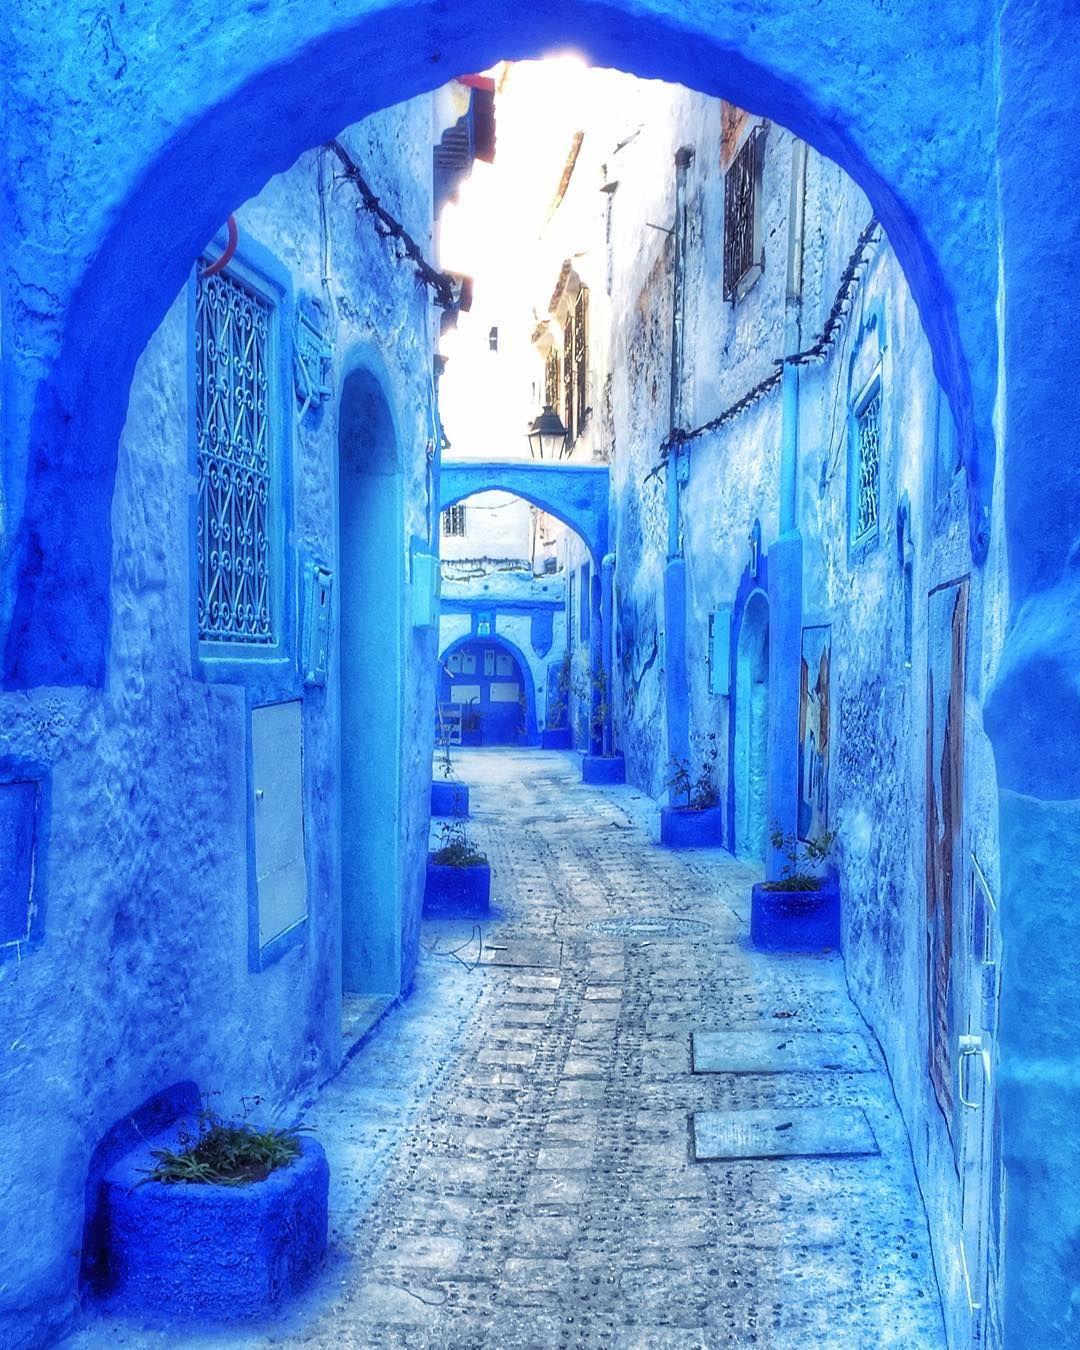 Chefchaouen Morocco moroccan blue medina Blue city